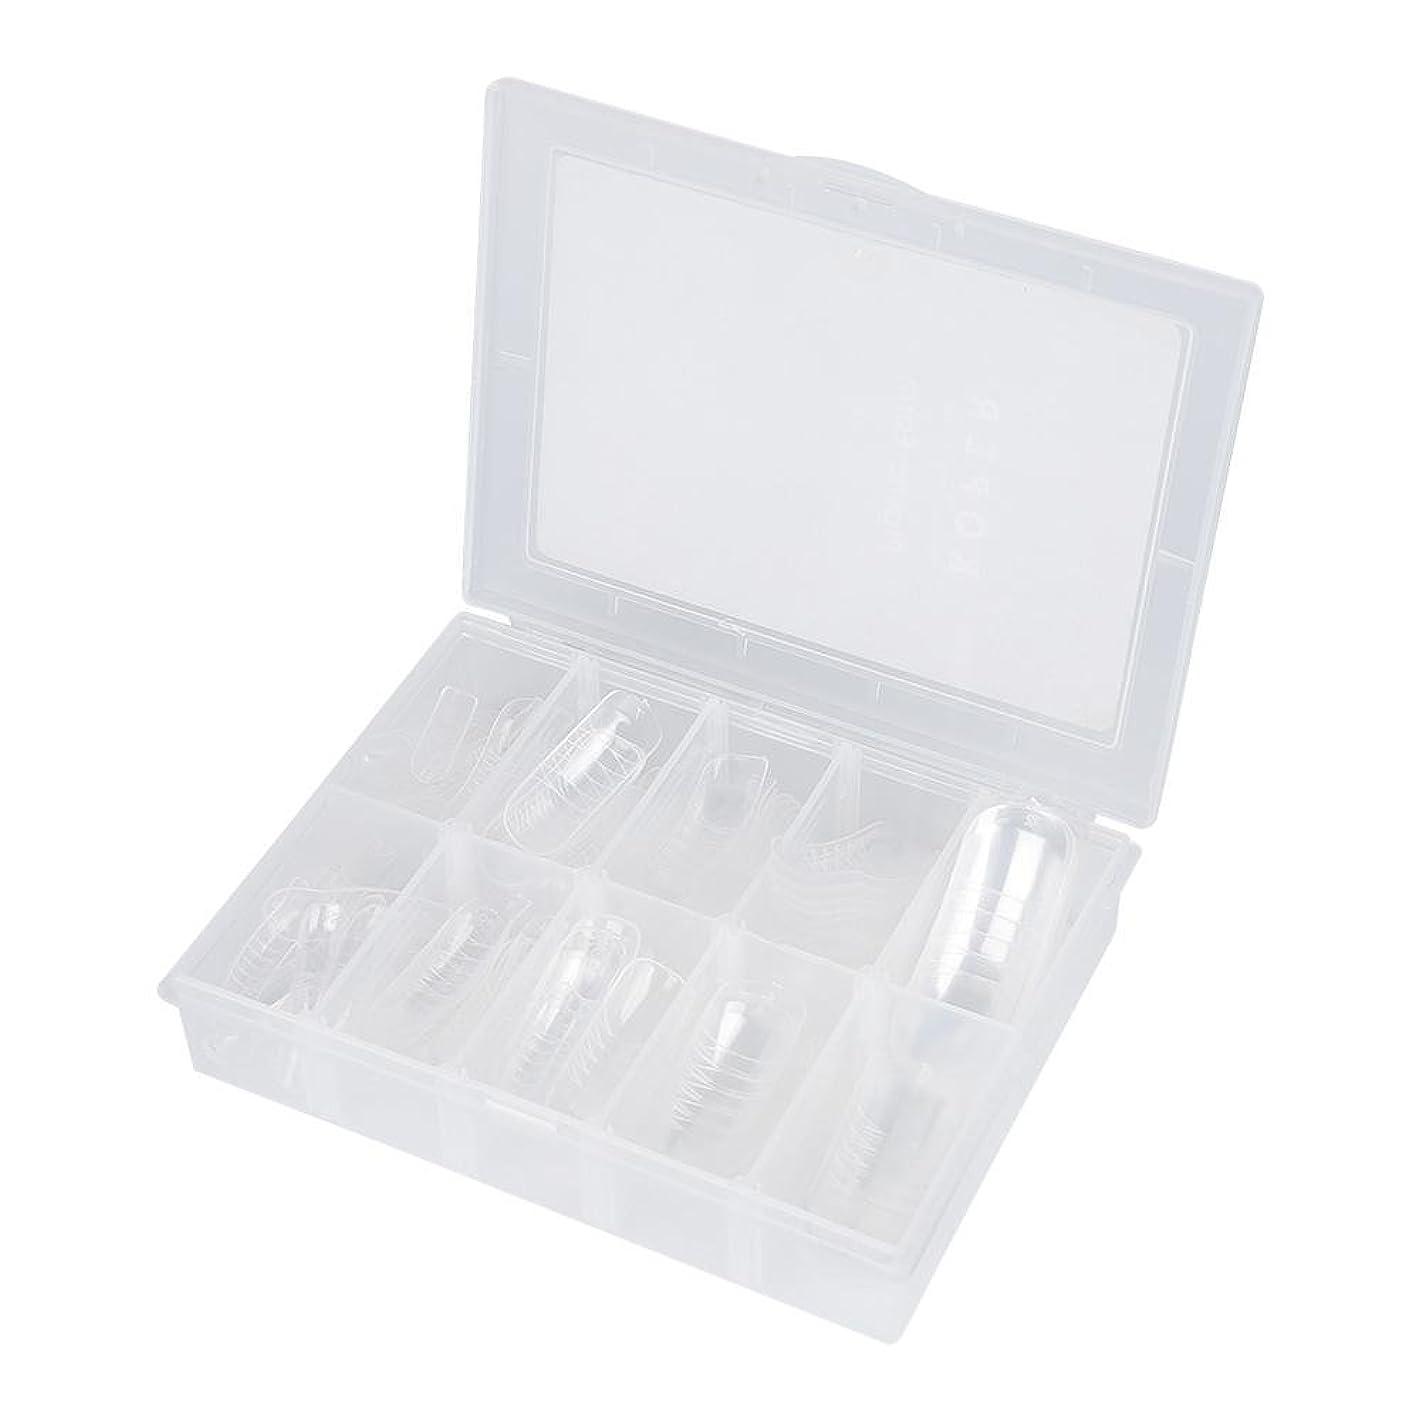 調和単調なぼかしネイルチップ - Delaman つけ爪、クリア、透明、120枚入れ